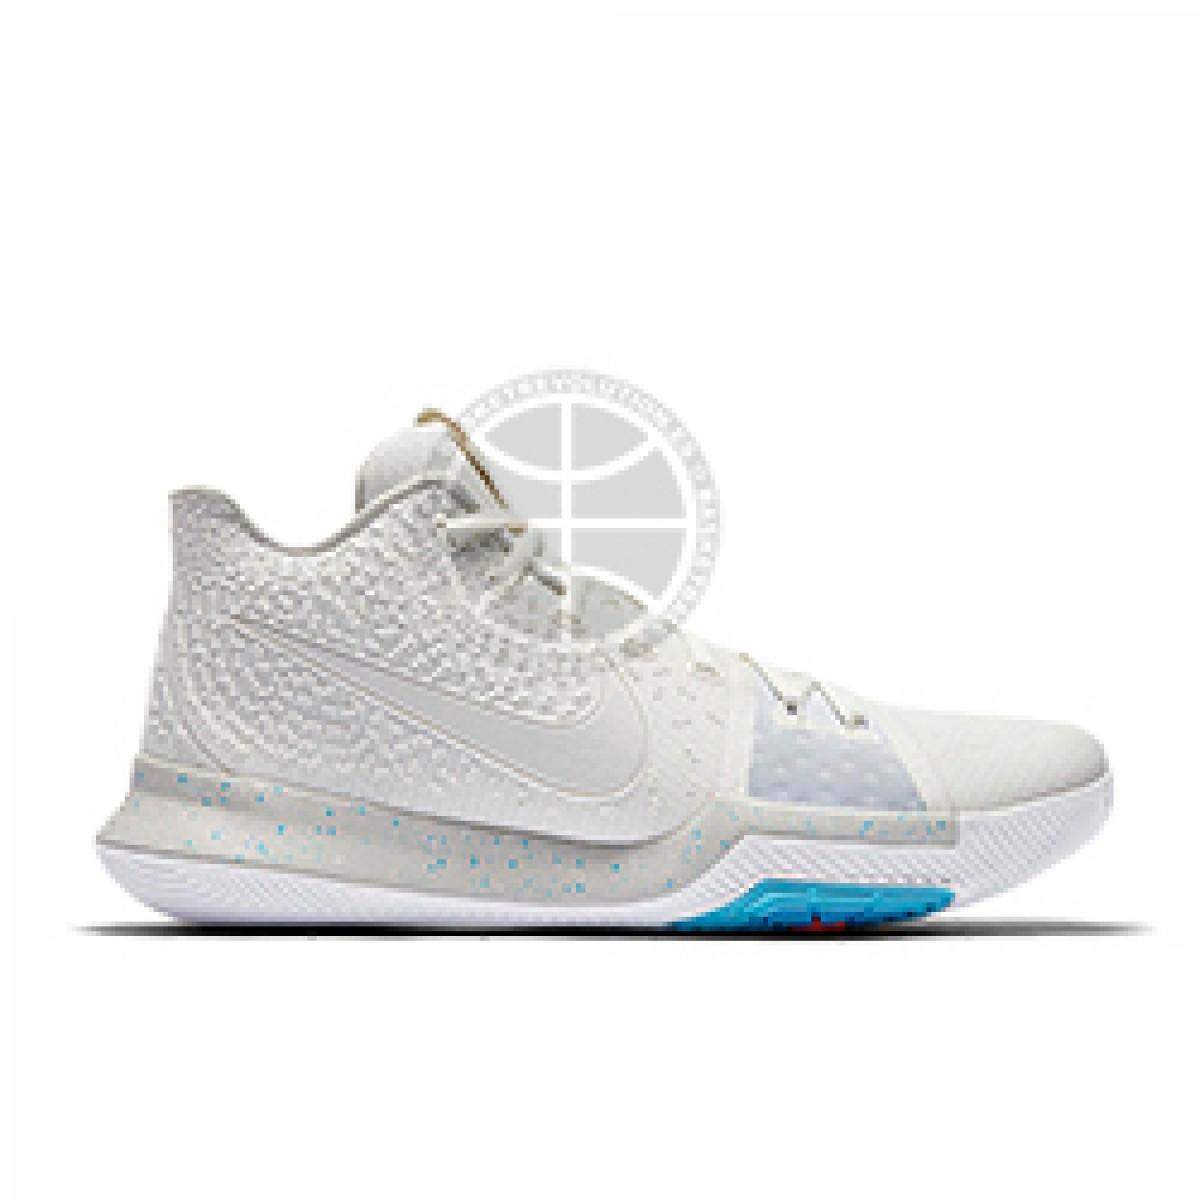 Nike Kyrie 3 GS 'Ivory' 859466-101